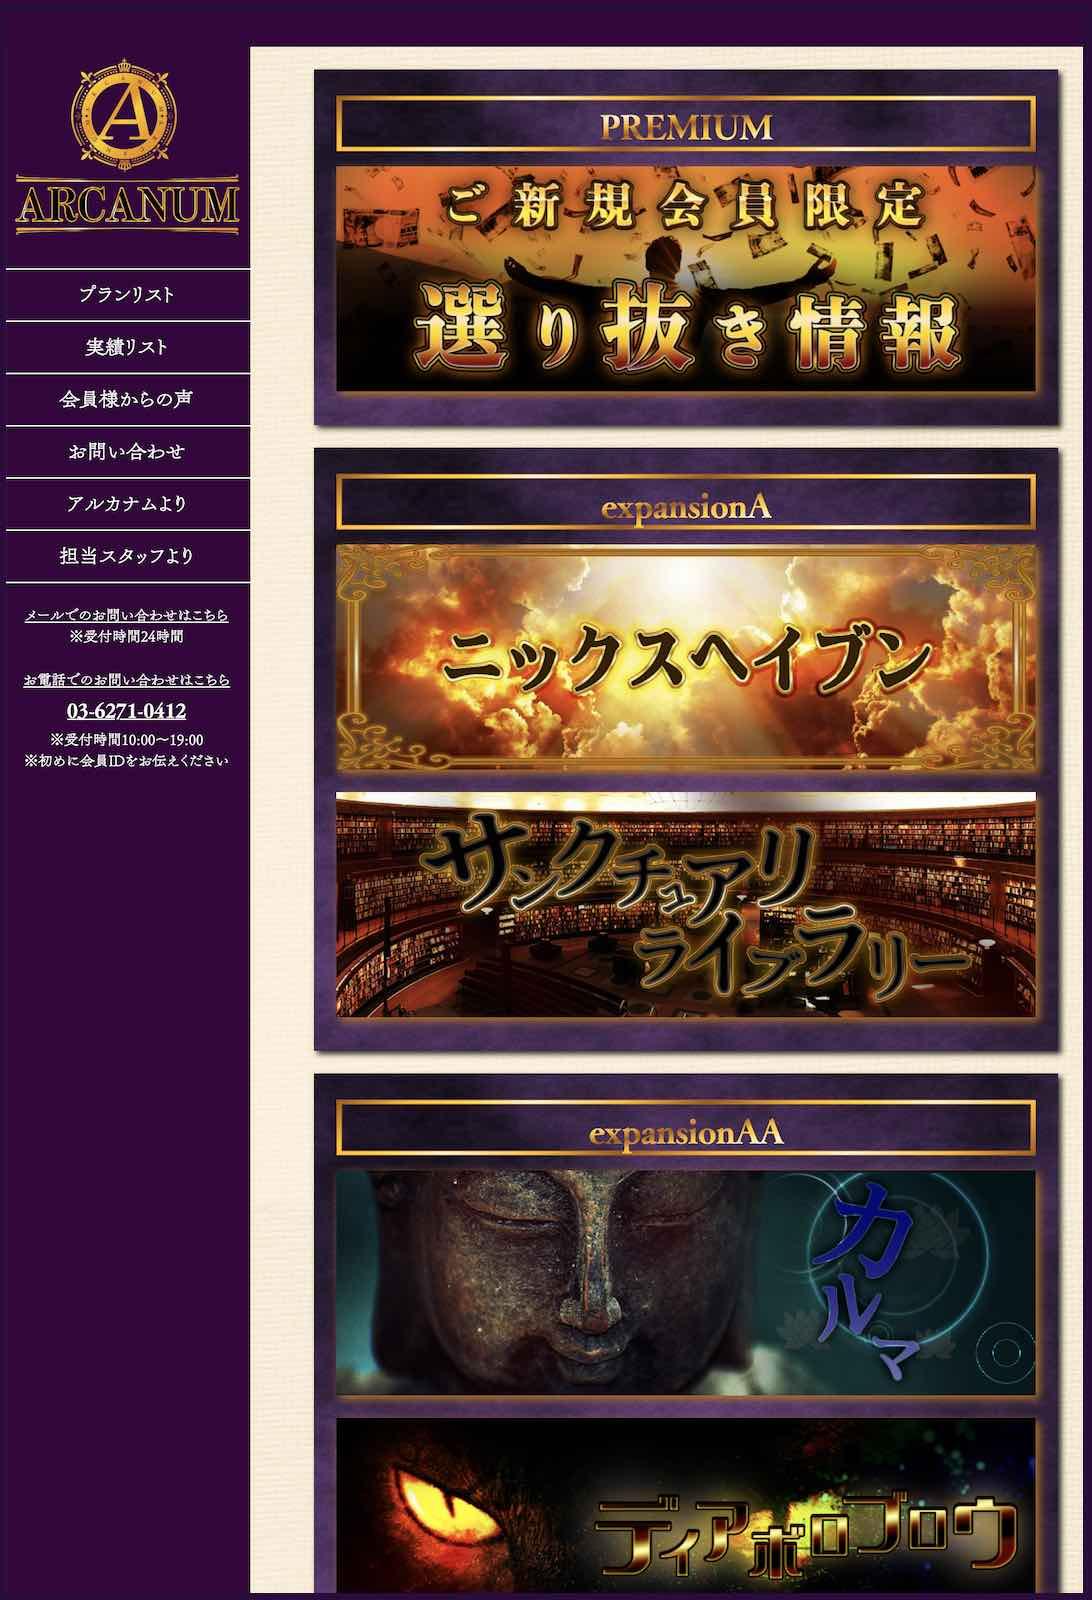 アルカナム(ARCANUM)という競馬予想サイトの会員ページ